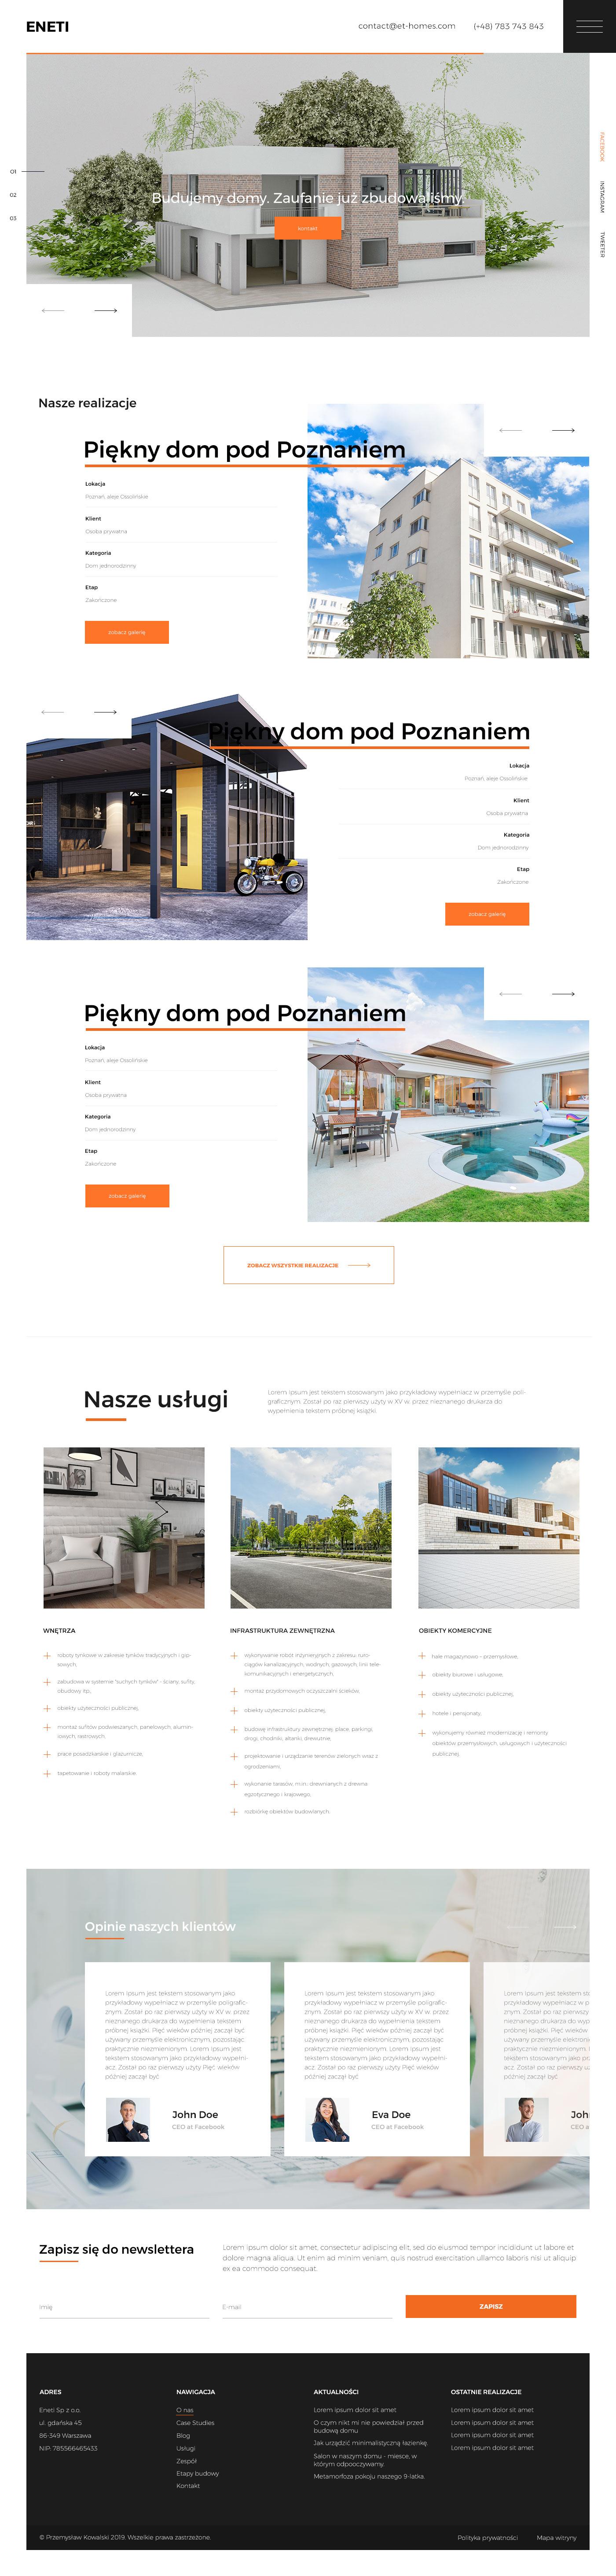 Strona internetowa dla firmy budowlanej Eneti (projekt graficzny).